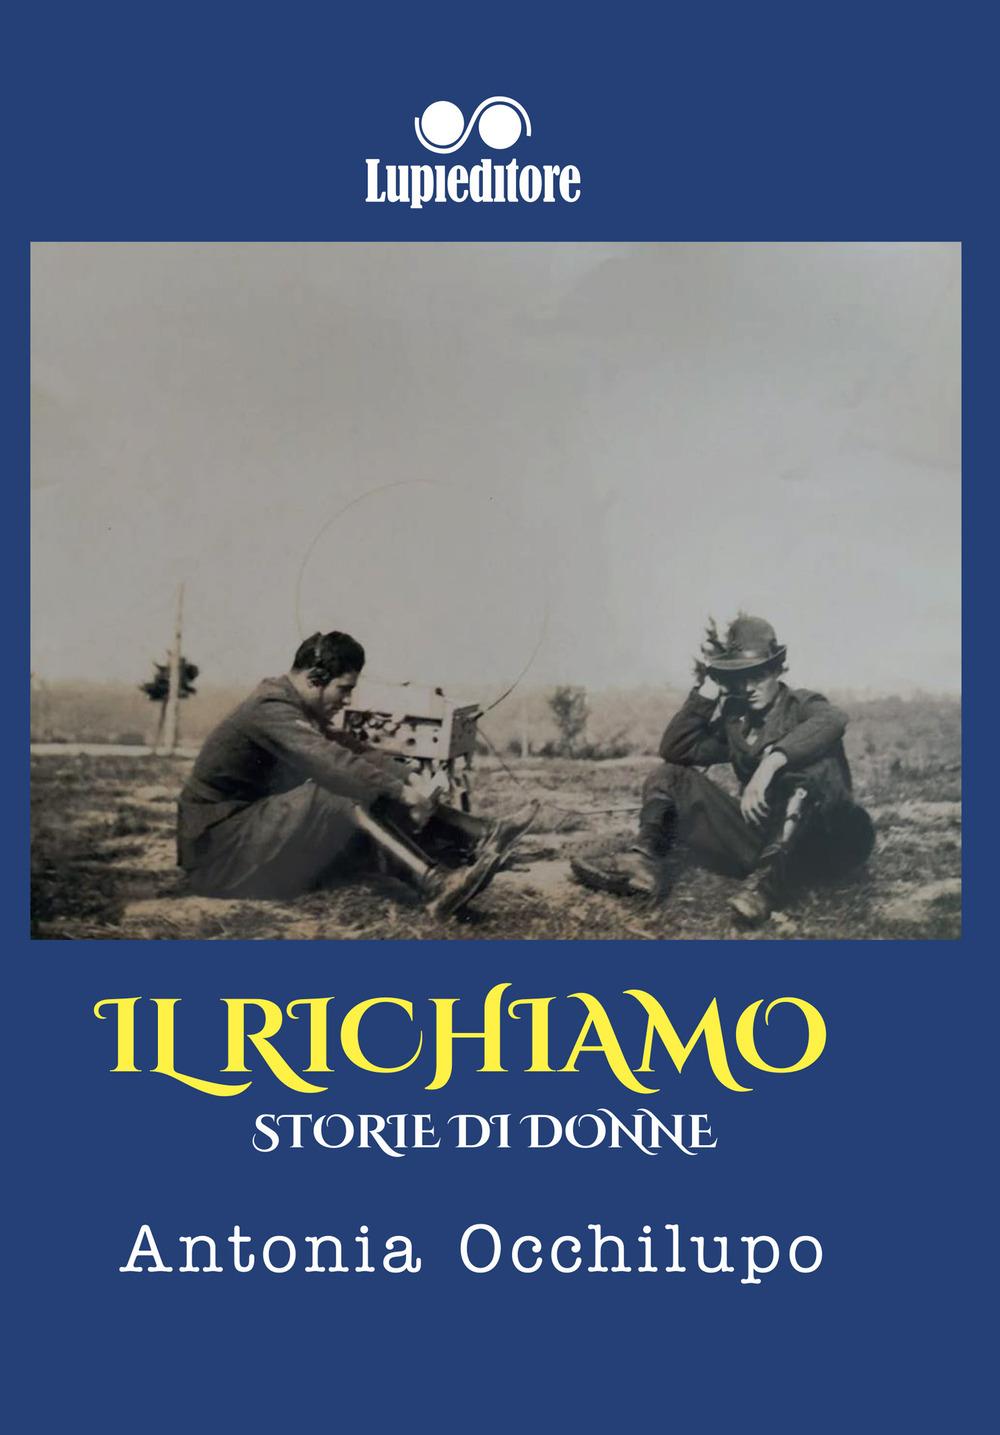 Image of Il richiamo. Storie di donne